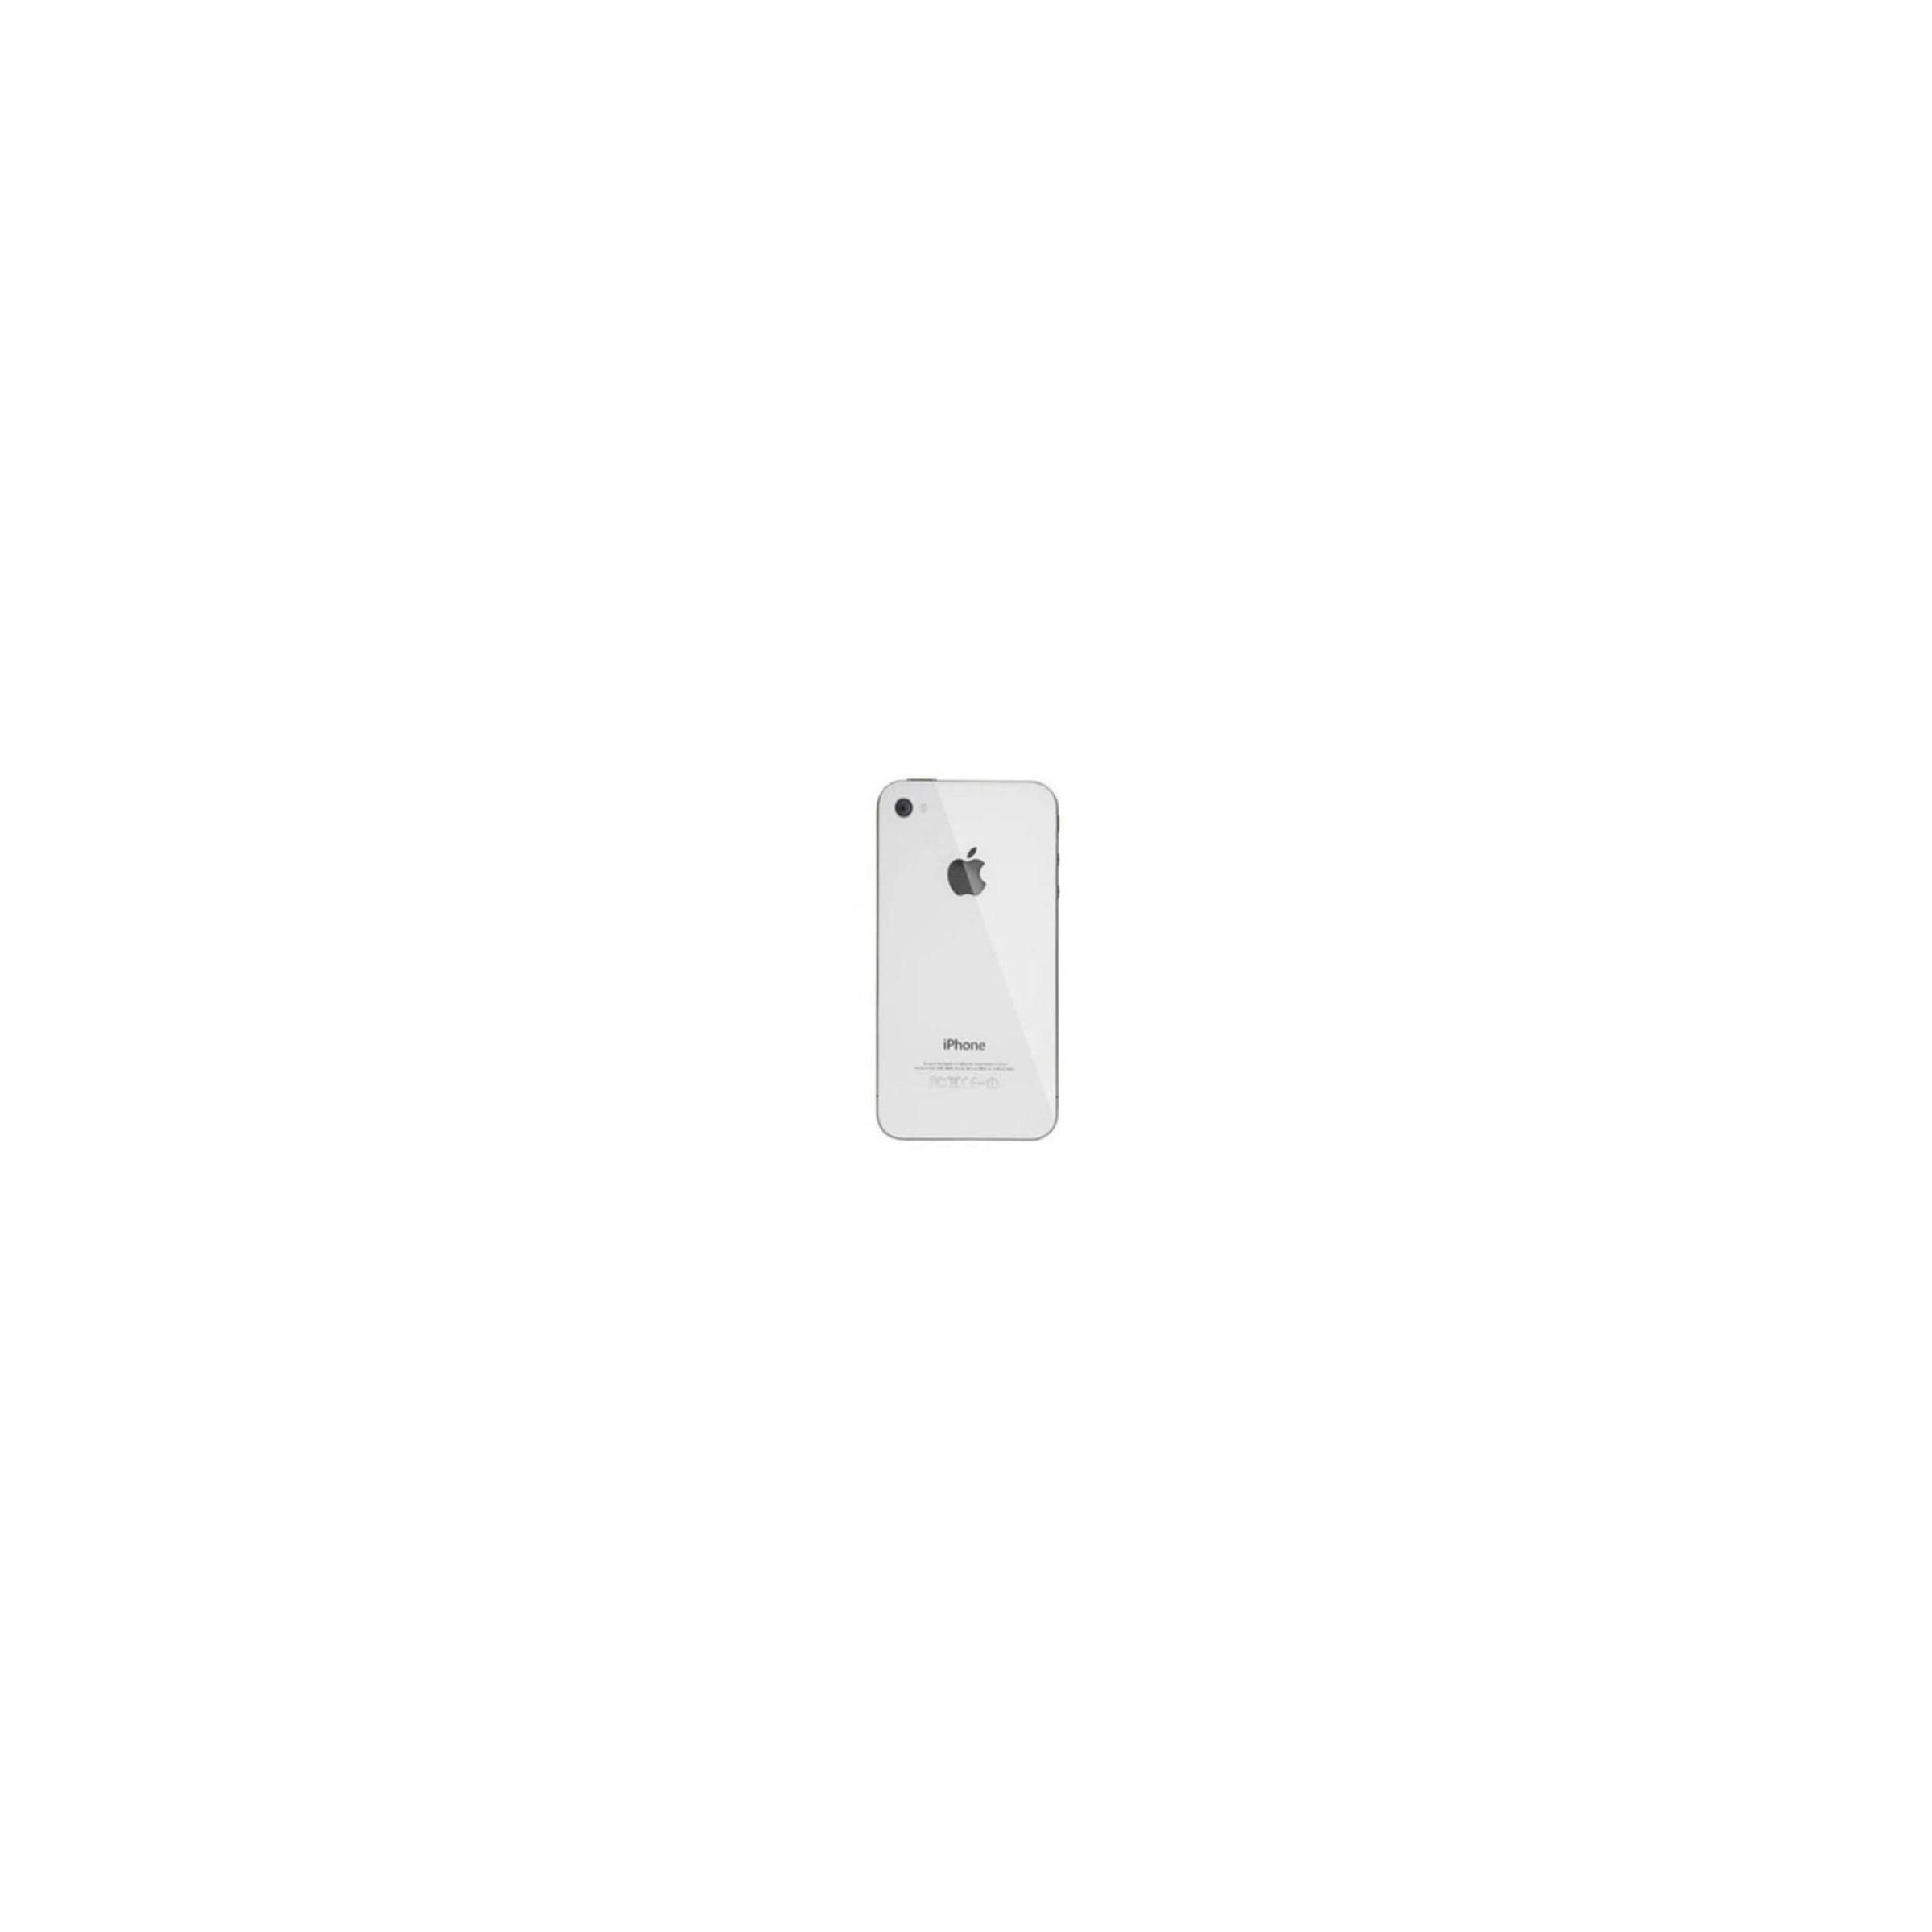 sinox Iphone 4s glass back bagsiden farve hvid på mackabler.dk